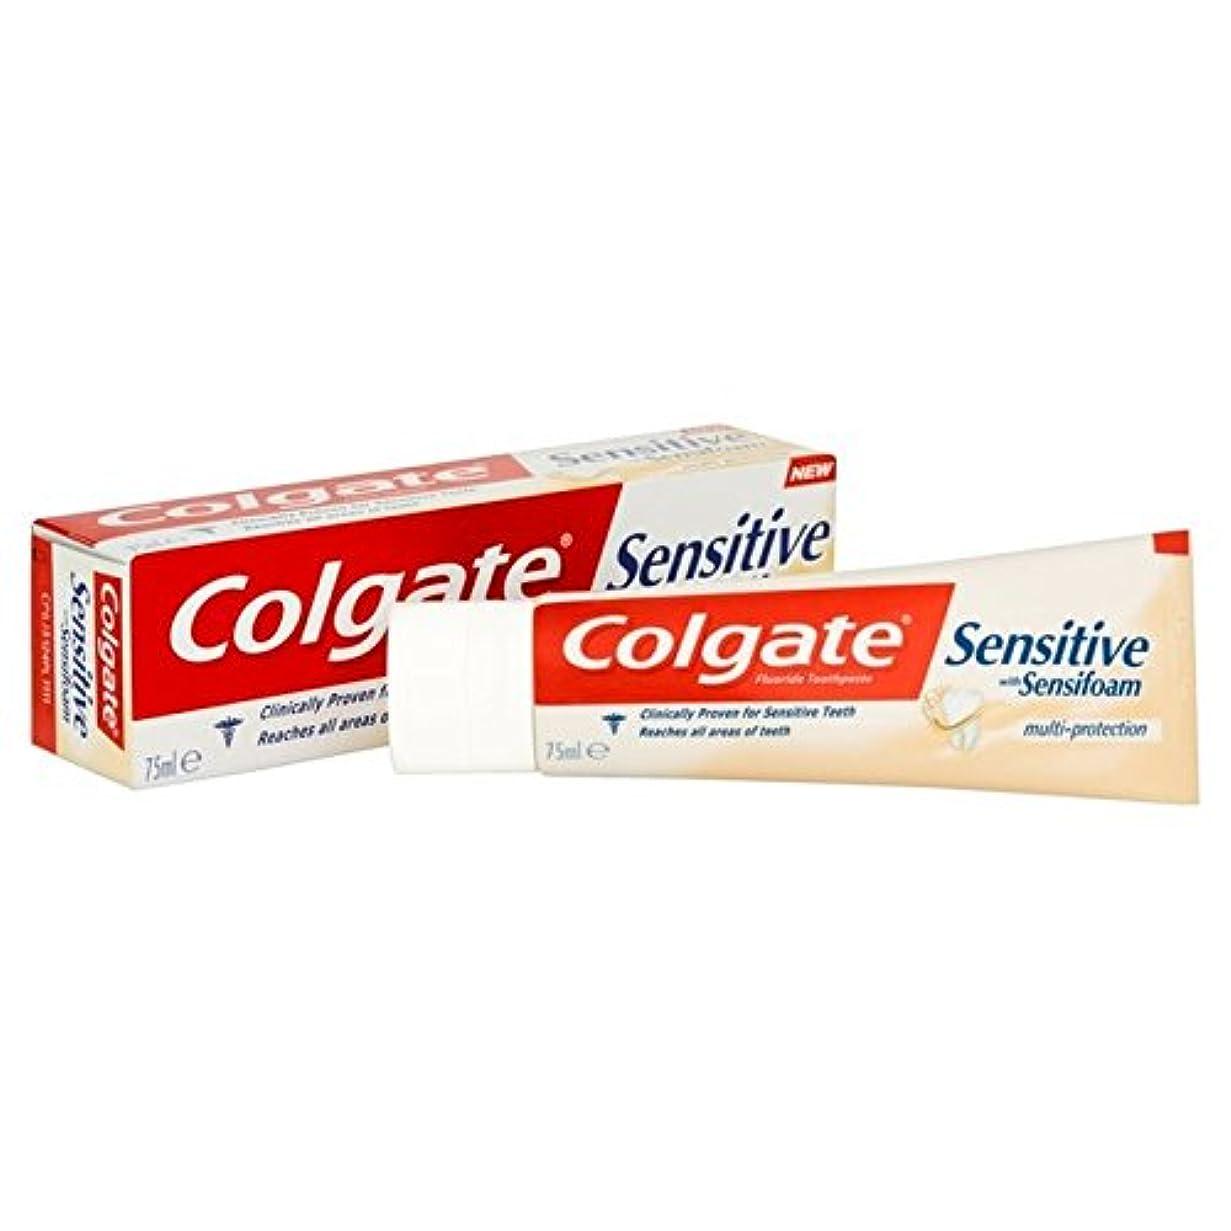 重要性ストラトフォードオンエイボン成長するColgate Sensitive Foam Multi Protect Toothpaste 75ml (Pack of 6) - コルゲート敏感な泡は、マルチ歯磨き粉75ミリリットルを保護します x6 [並行輸入品]